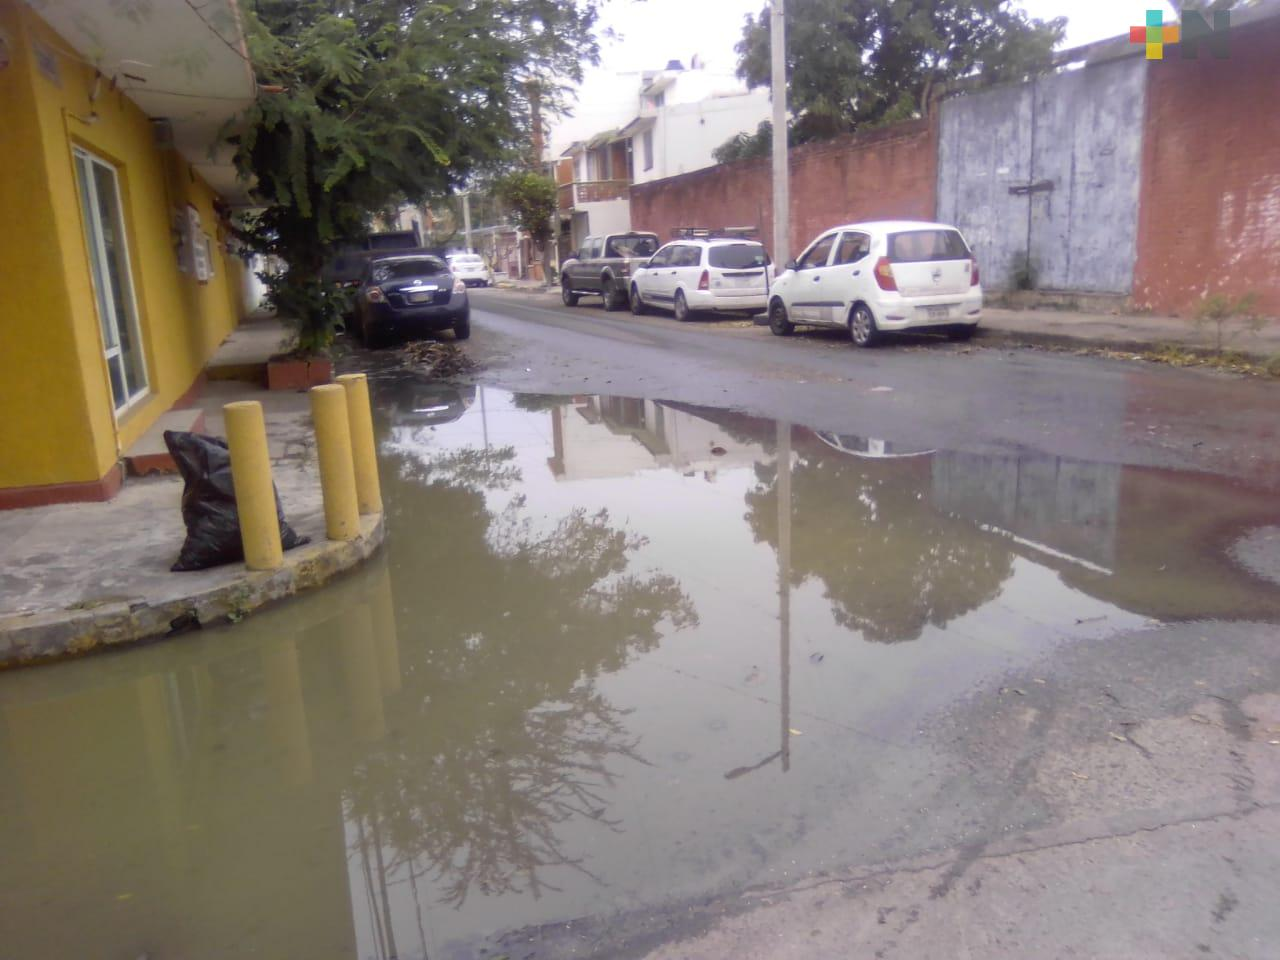 Fugas de aguas negras reportan en colonia Nueva Era del municipio de Boca del Río